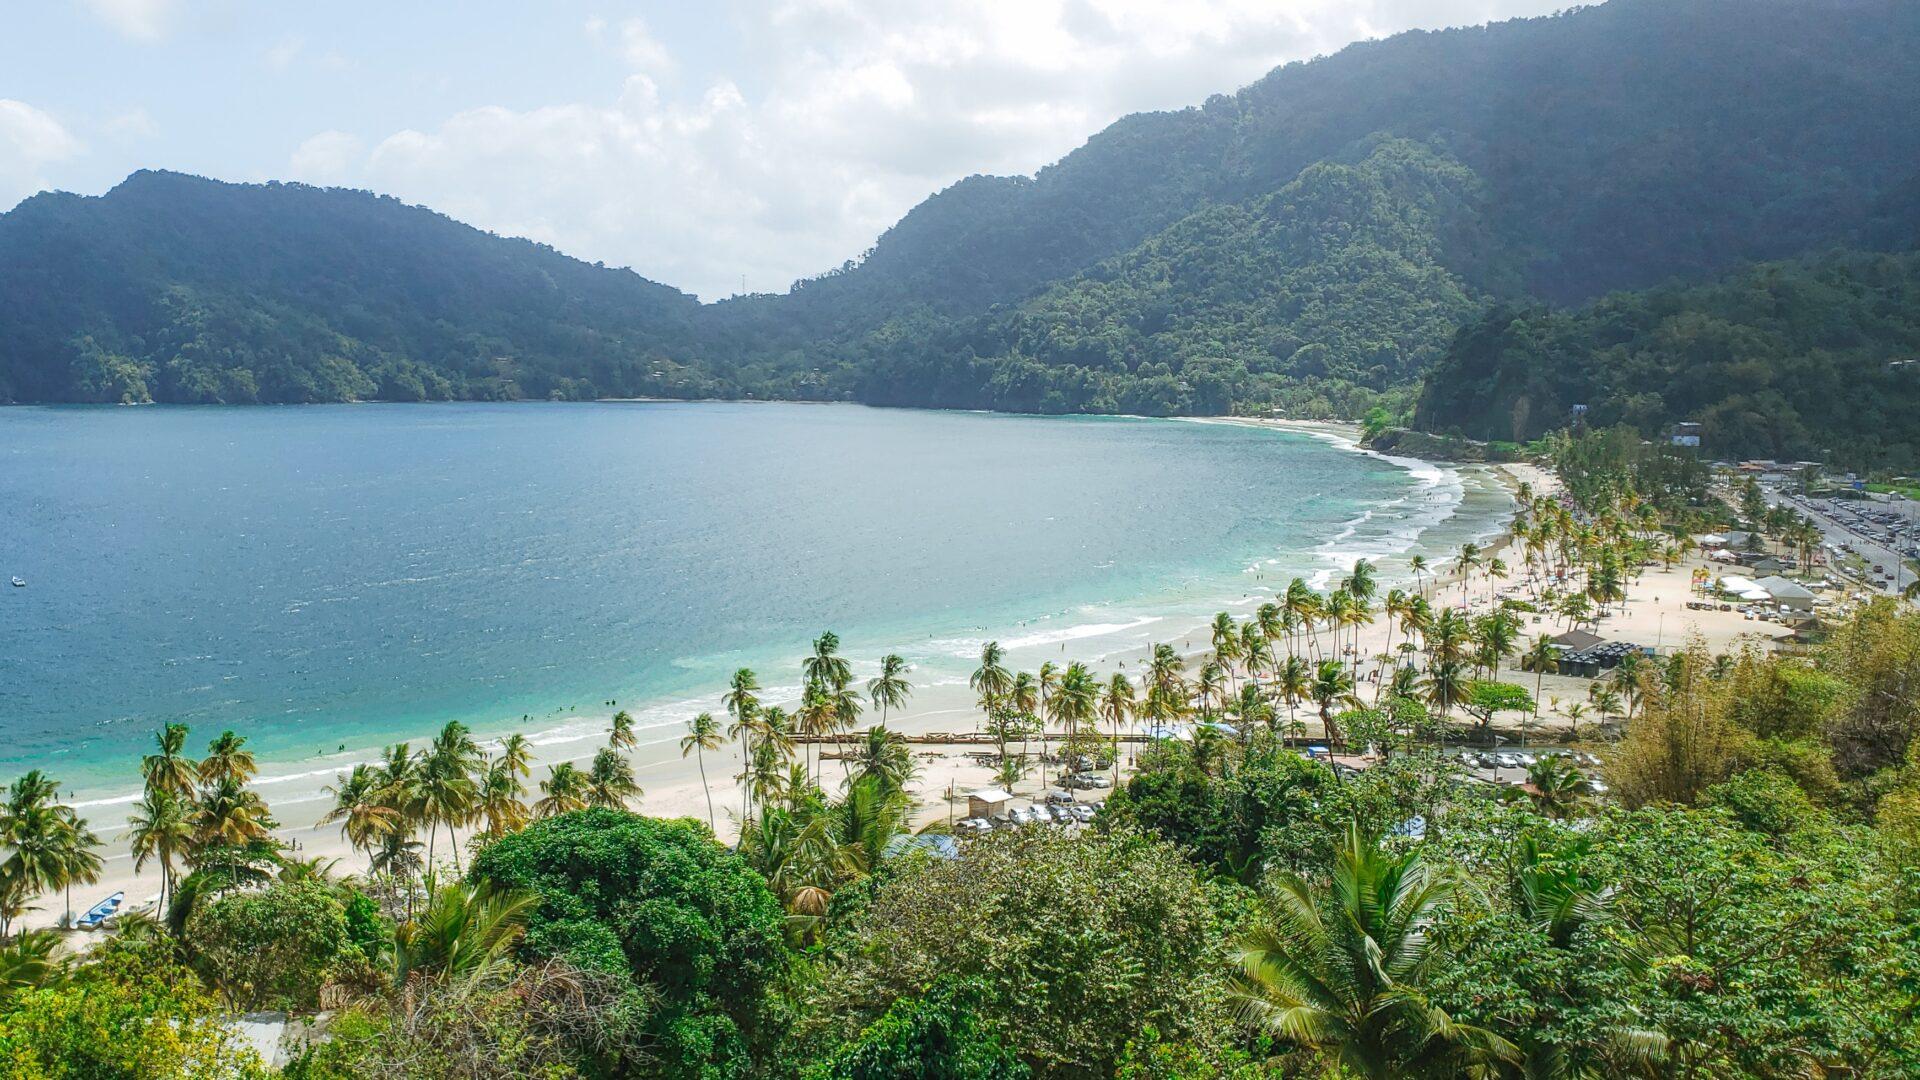 thruston-benny-trinidad-tobago-maracas